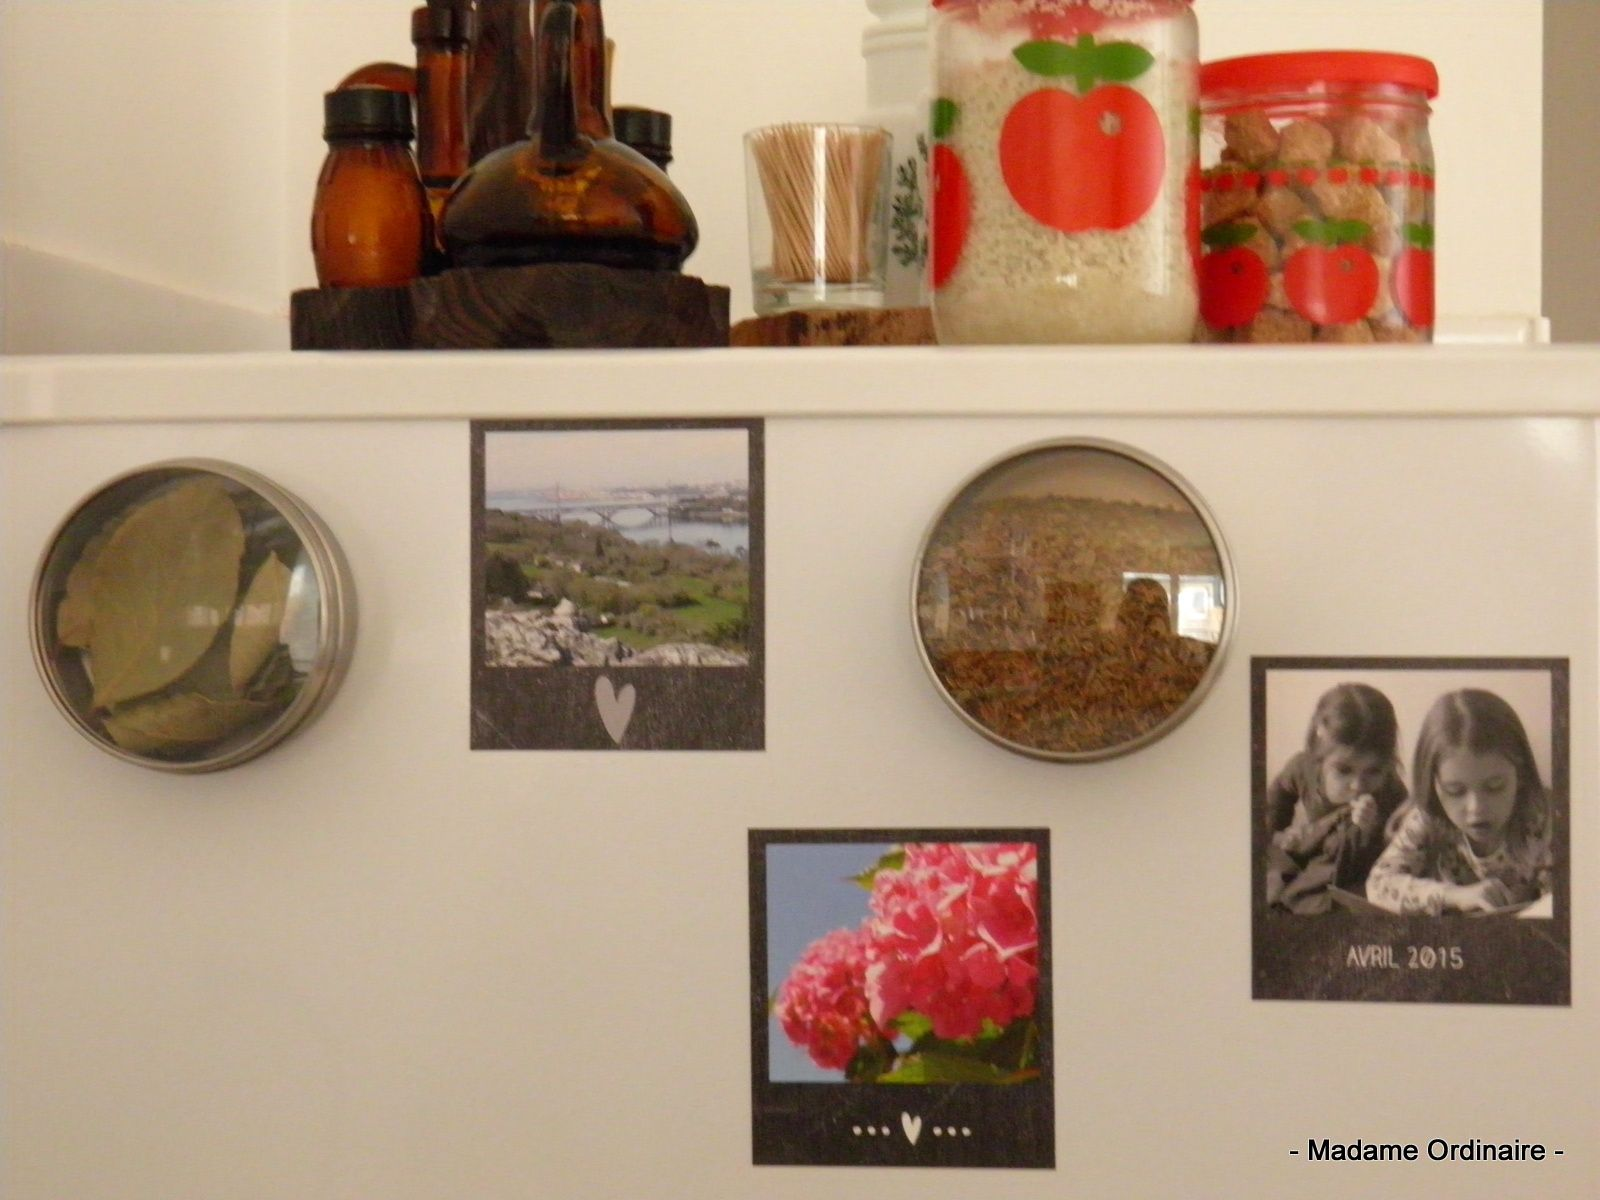 Nos souvenirs sur le frigo